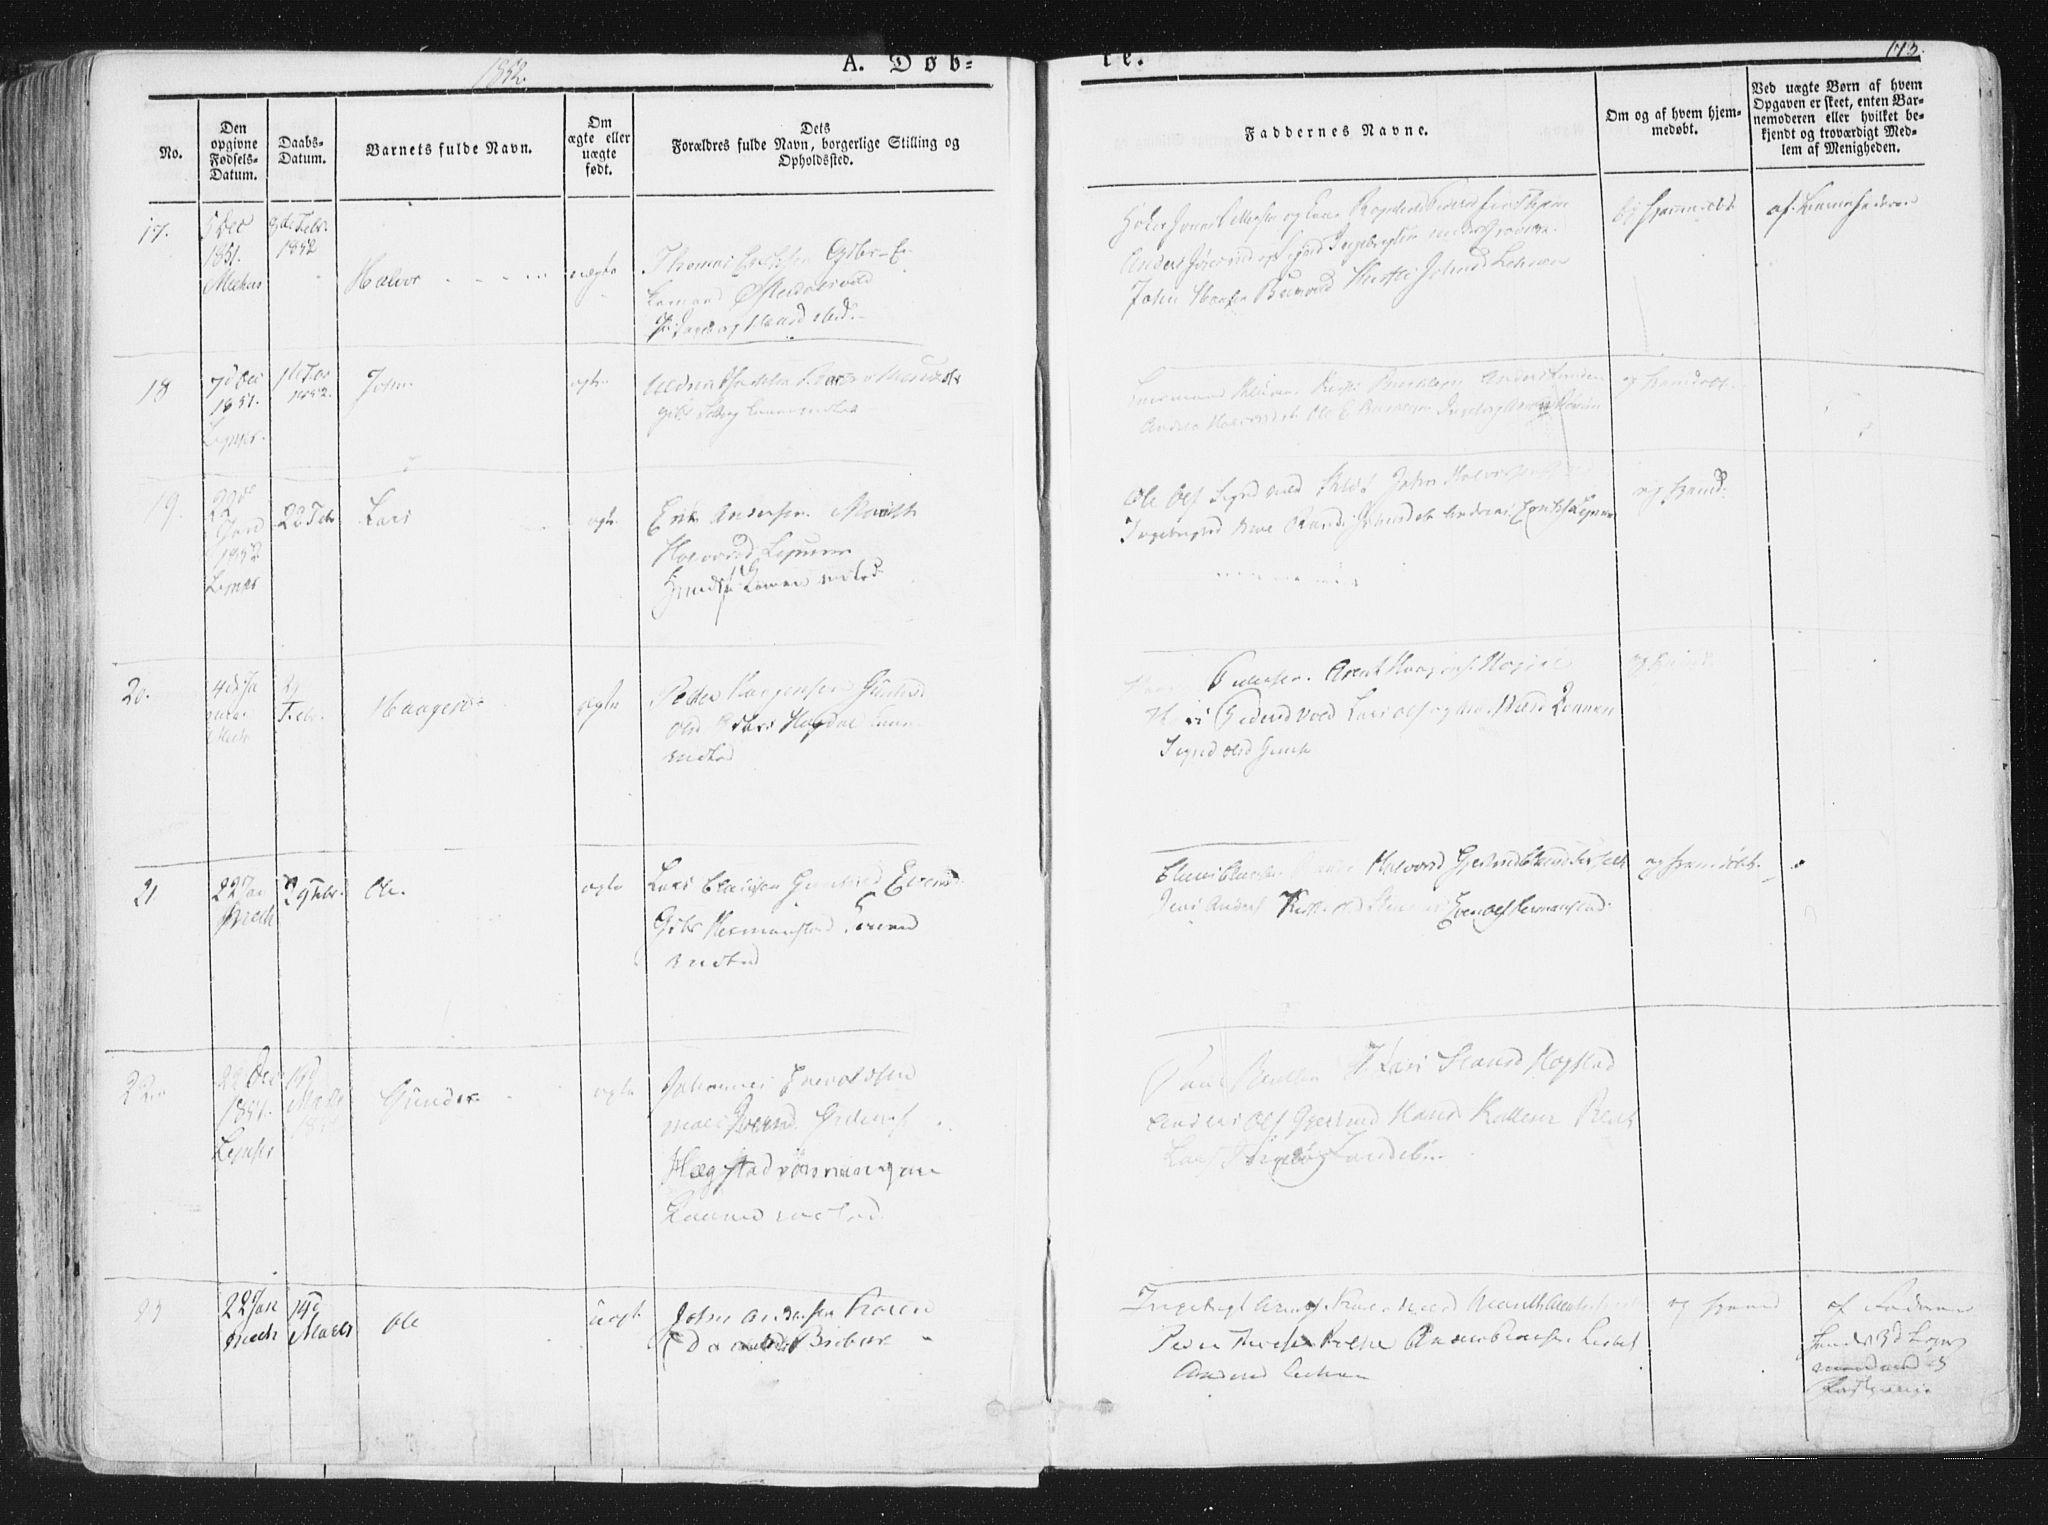 SAT, Ministerialprotokoller, klokkerbøker og fødselsregistre - Sør-Trøndelag, 691/L1074: Ministerialbok nr. 691A06, 1842-1852, s. 173